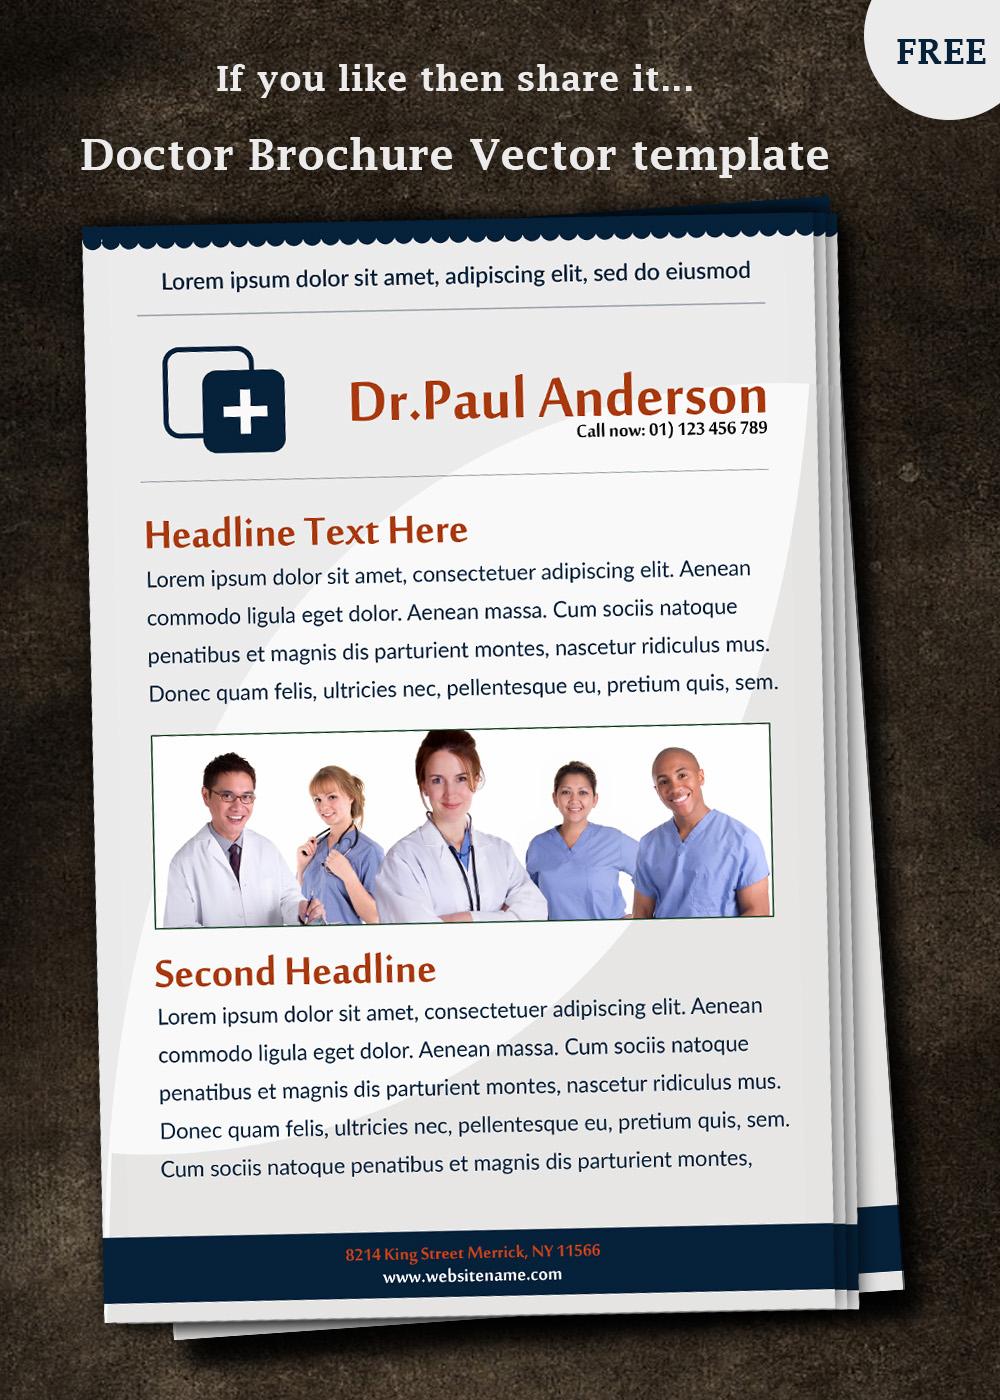 doctor-brochure